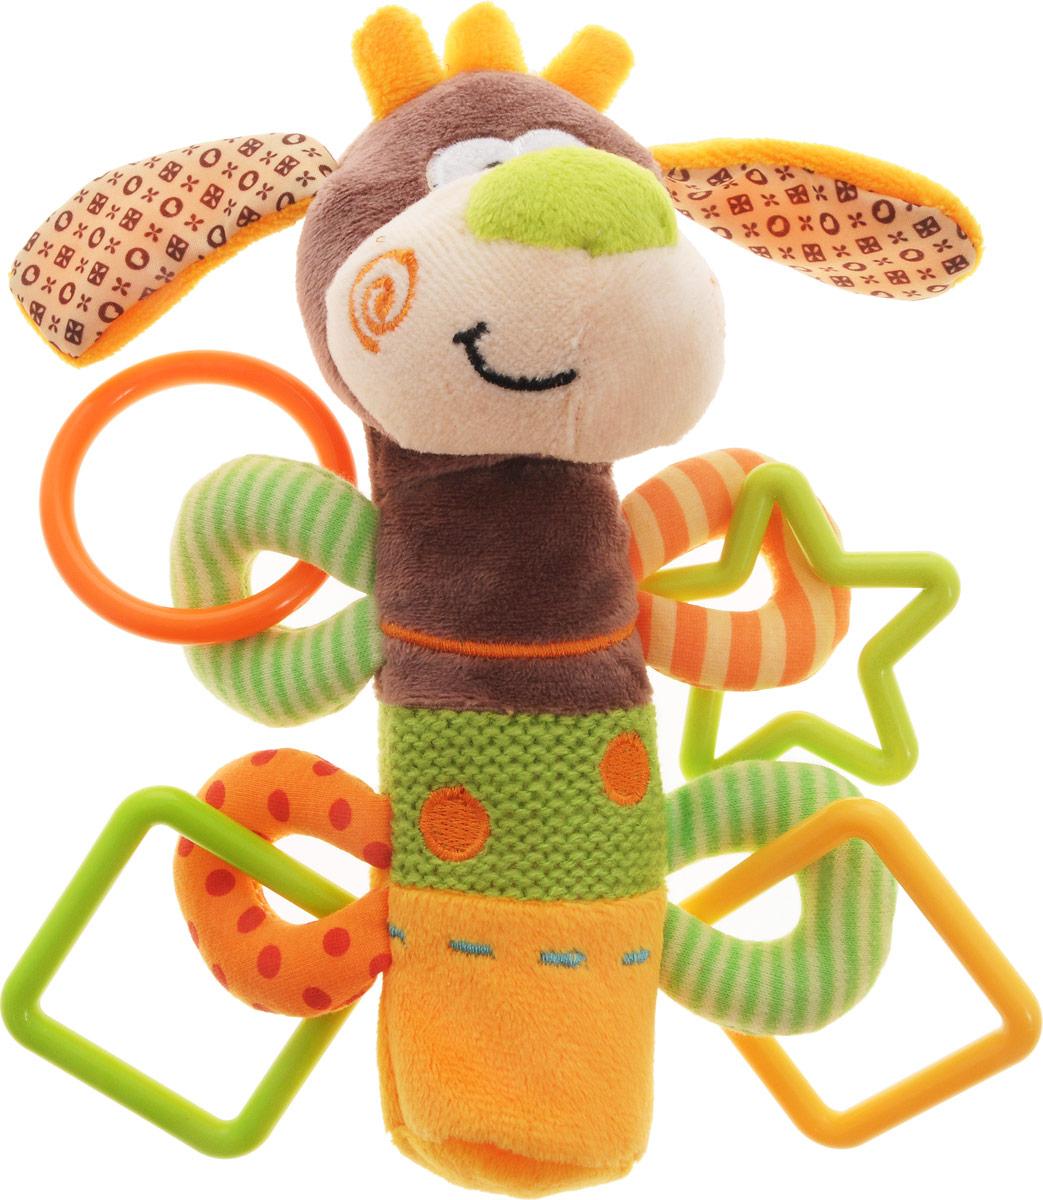 Жирафики Развивающая игрушка-пищалка Щенок93558Развивающая игрушка-пищалка Жирафики Щенок выполнена из текстильных материалов разных цветов и фактур в виде мордочки забавного щенка, которая пришита к мягкой ручке. Внутри ручки спрятана пищалка. Стоит малышу ее сжать, как он услышит забавный звук. У игрушки имеются пластиковые элементы в виде геометрических фигур. Изделие очень удобно для маленьких детских ручек. Малыш сможет ее держать, трясти, перекладывать из одной ручки в другую. Игрушка-пищалка способствует развитию мышления, координации движений, звукового и цветового восприятия, тактильных ощущений, совершенствует моторику нежных пальчиков малыша.